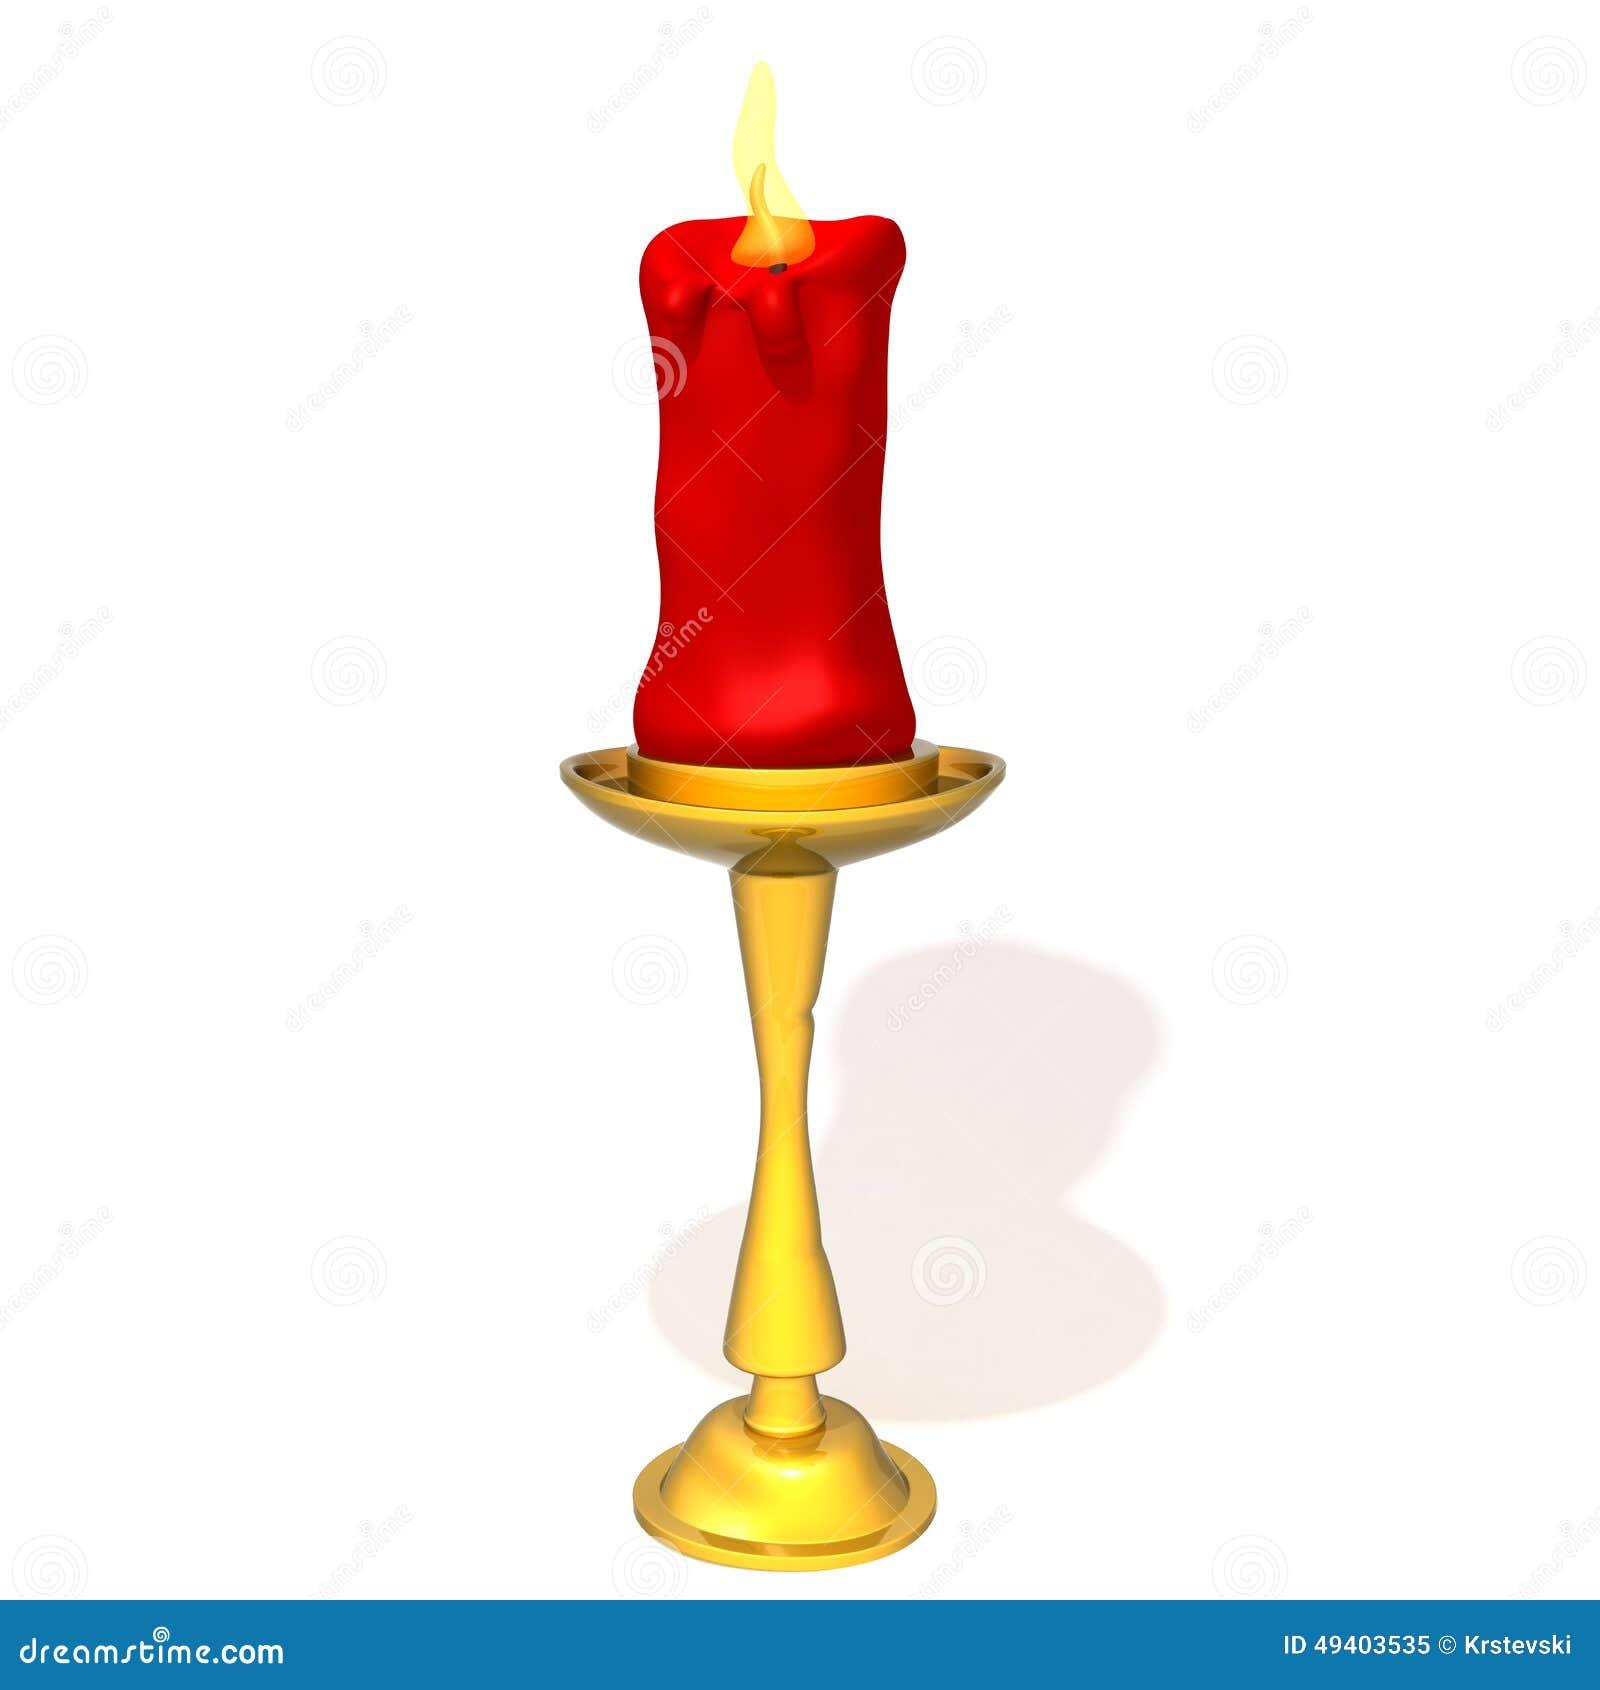 Download Illustration Des Kerzen-helle Halters 3d Stock Abbildung - Illustration von hintergrund, brand: 49403535